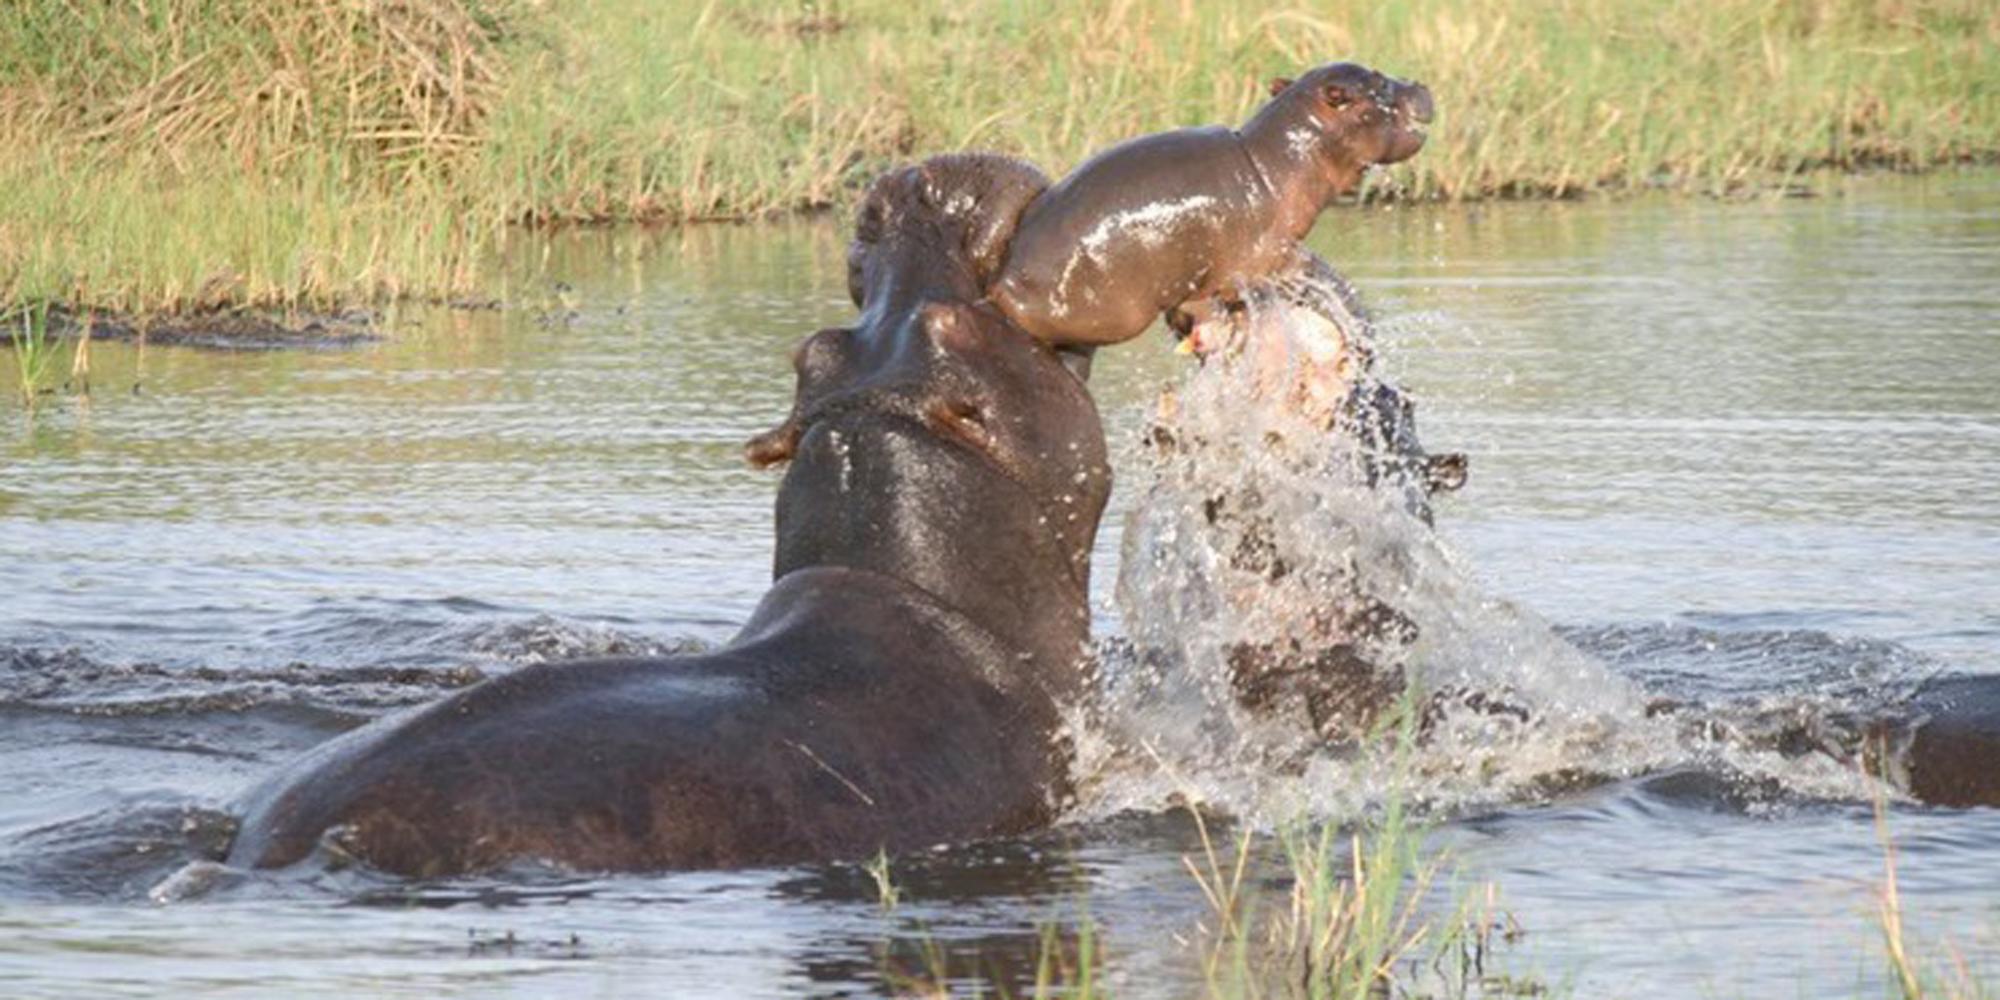 http://cdn-parismatch.ladmedia.fr/var/news/storage/images/paris-match/animal-story/photos/votez-pour-la-photo-d-animaux-de-l-annee-678882/une-mere-hippopotame-sauve-son-bebe-des-defenses-de-deux-de-ses-congeneres-dans-le-parc-seba-au-botswana/6816070-1-fre-FR/Une-mere-hippopotame-sauve-son-bebe-des-defenses-de-deux-de-ses-congeneres-dans-le-parc-Seba-au-Botswana.jpg